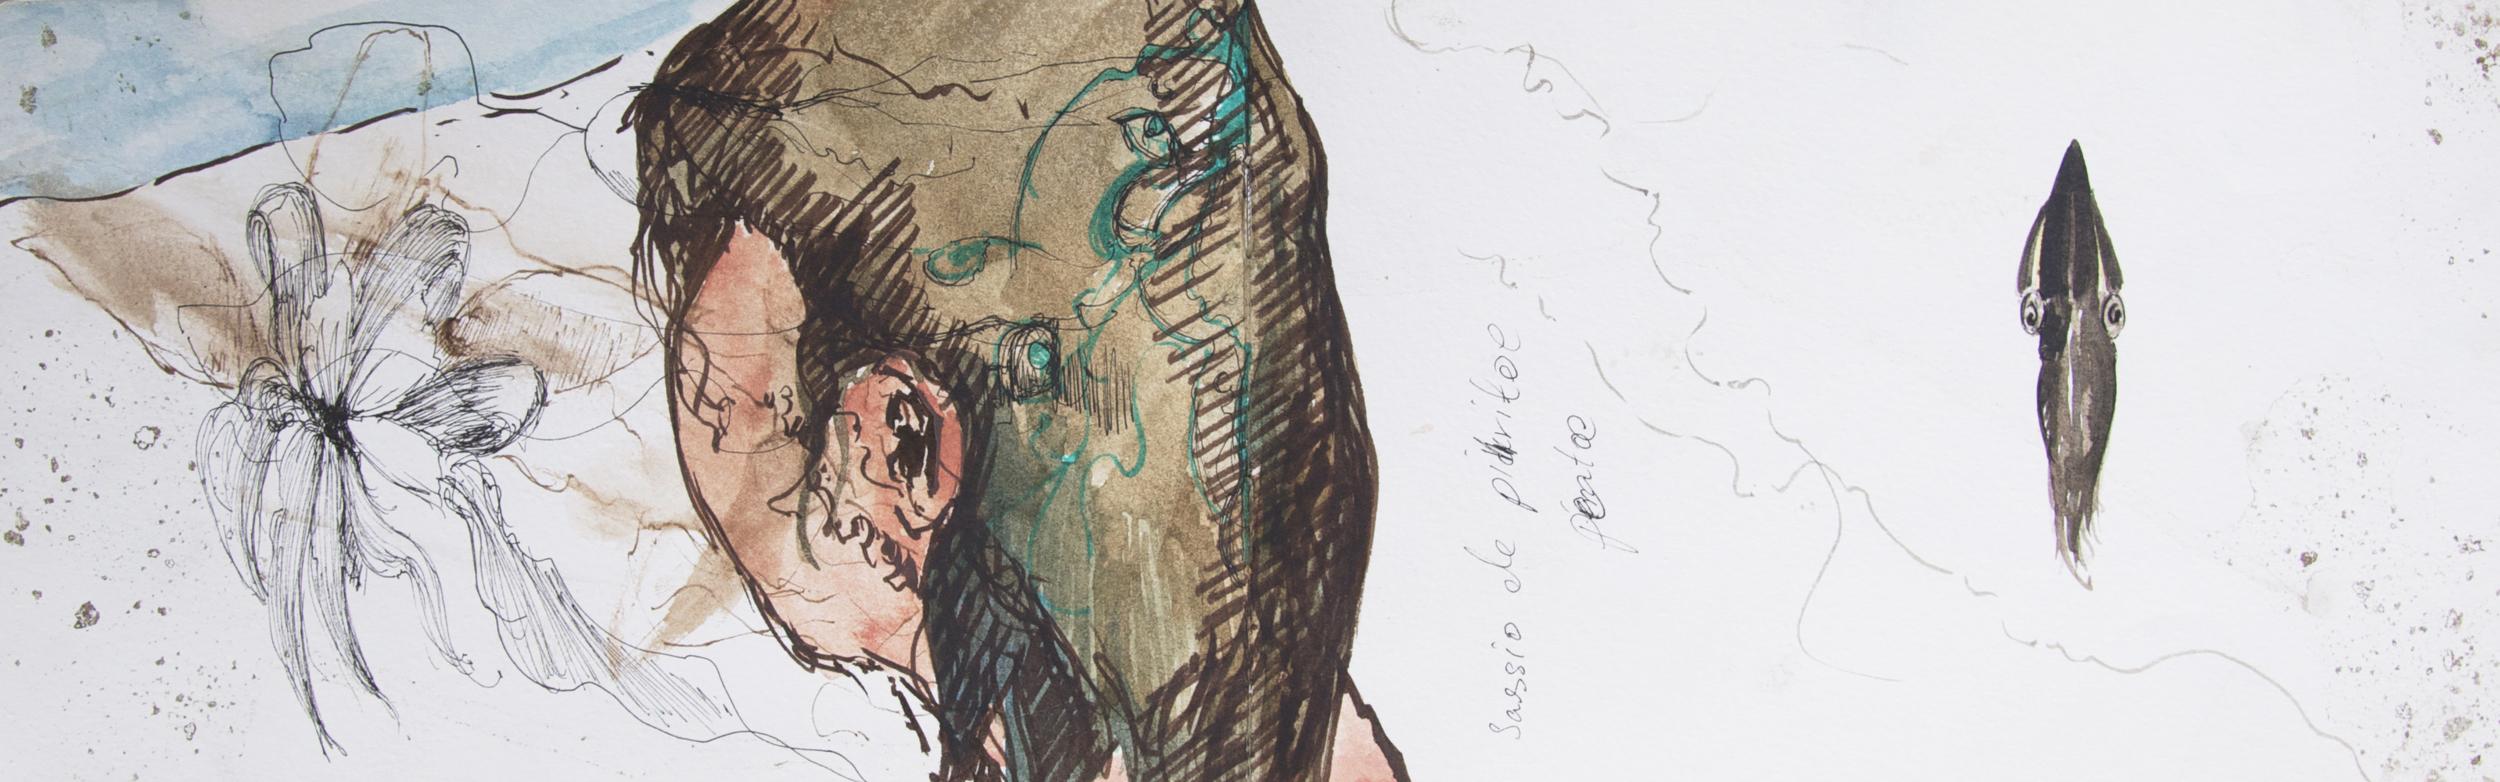 felt pen, watercolor, ink, After a dive.jpg